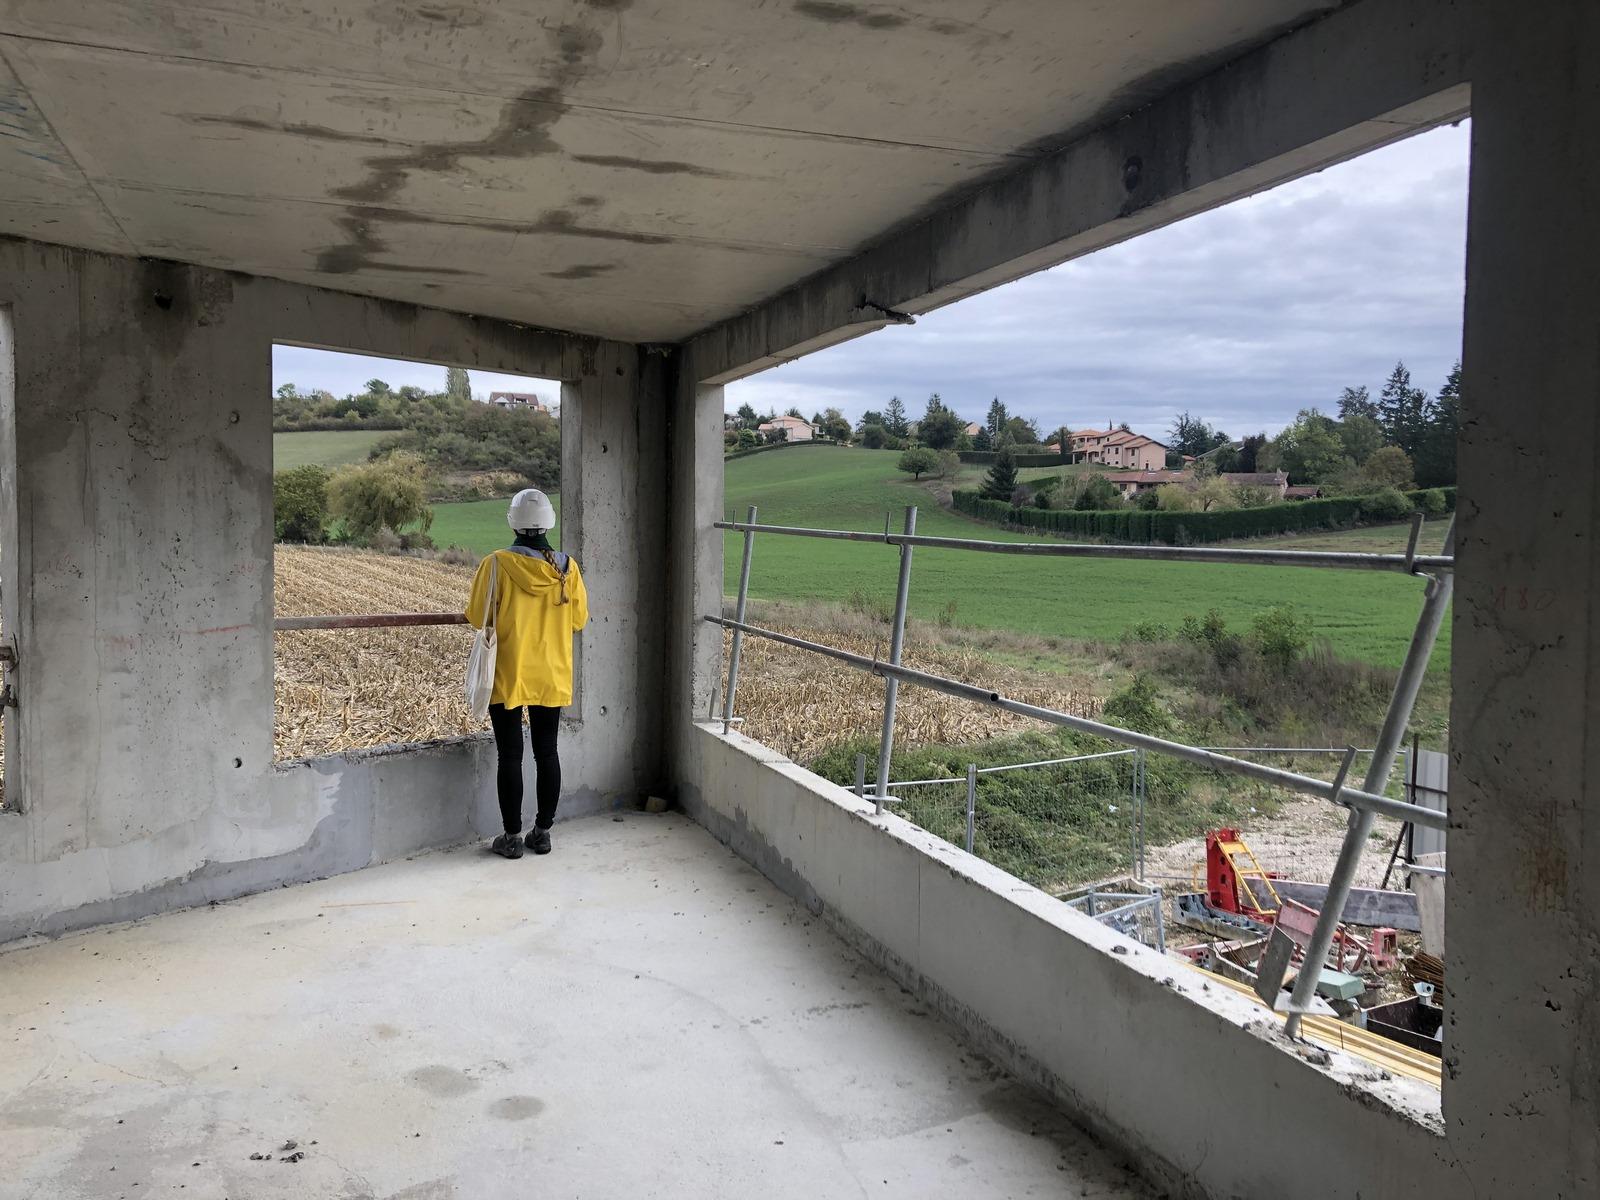 31 logements avec chambre d'hôte, atelier bricolage... - Saint-Just-Chaleyssin - Z Architecture - chantier